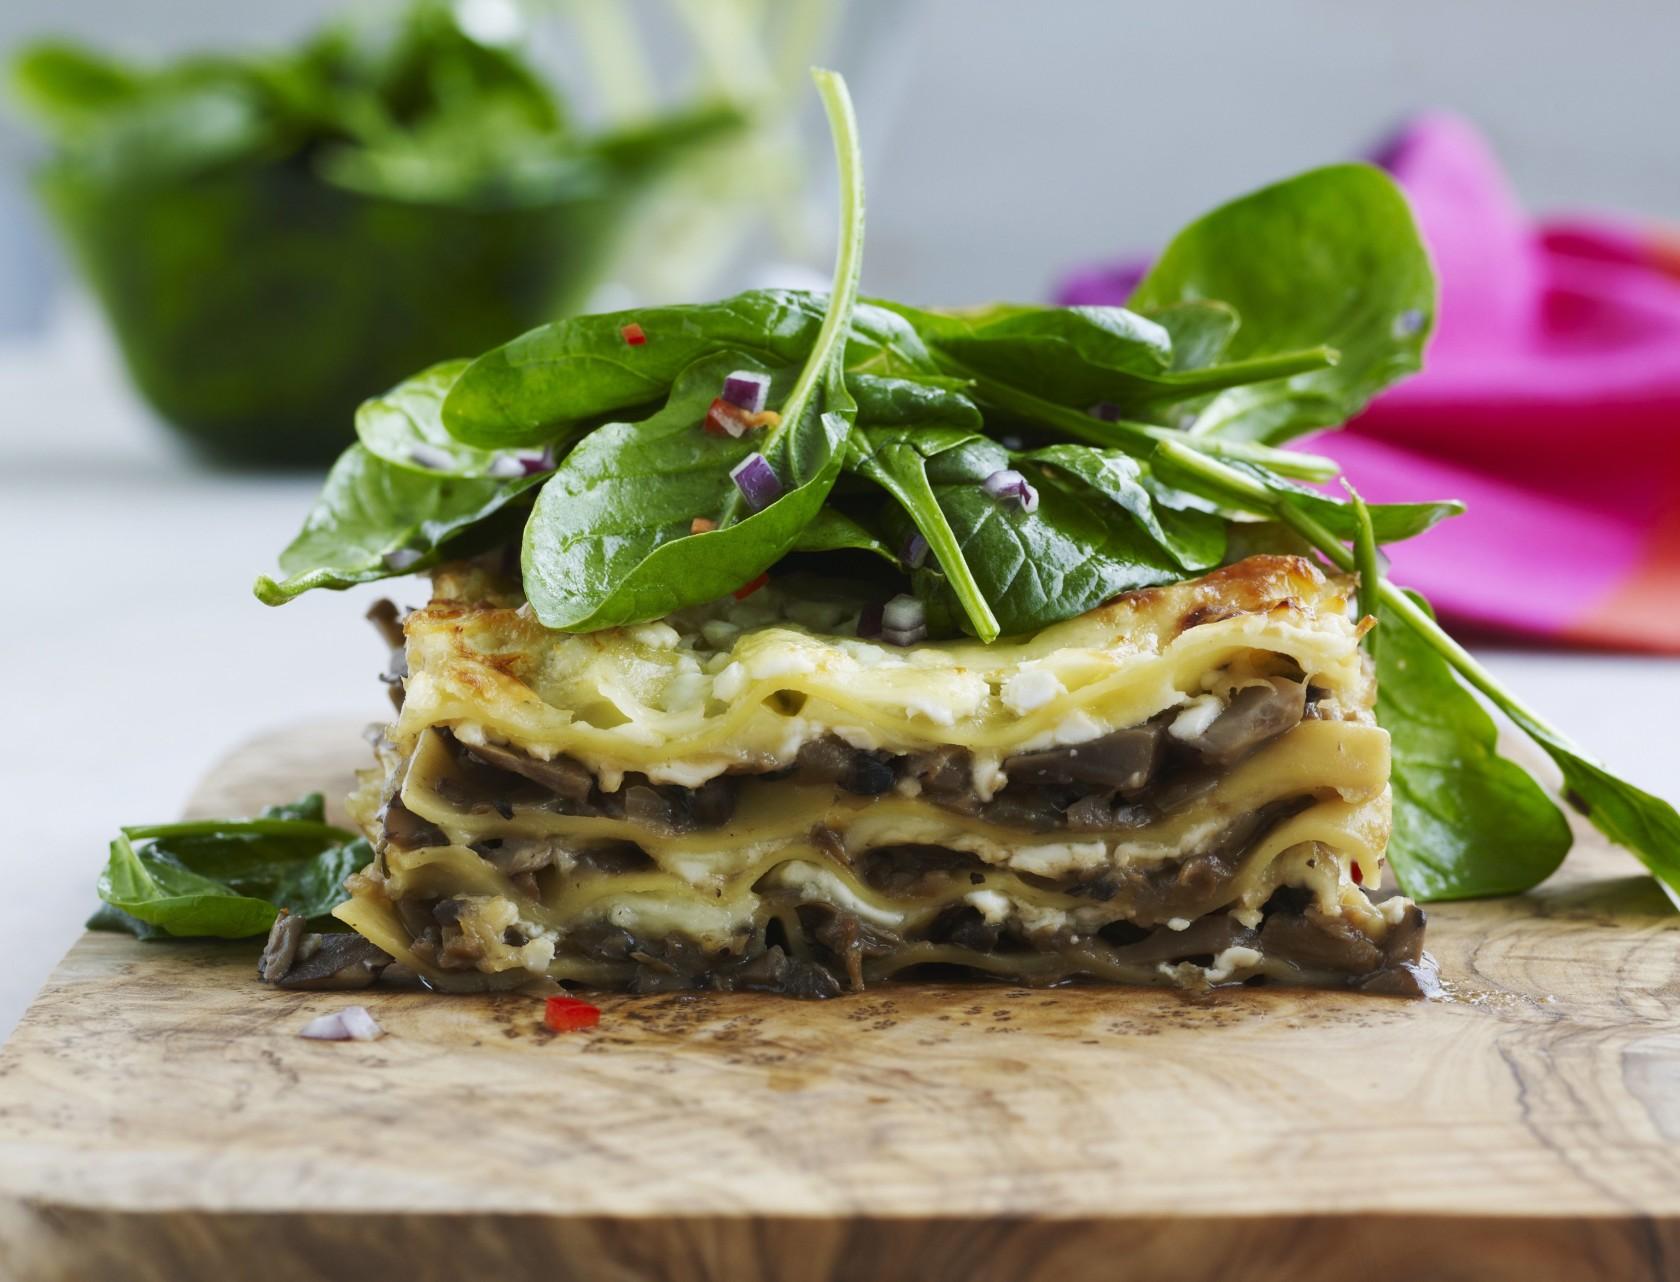 Lækker opskrift på lasagne med svampefyld - en skøn udgave af den klassiske version.